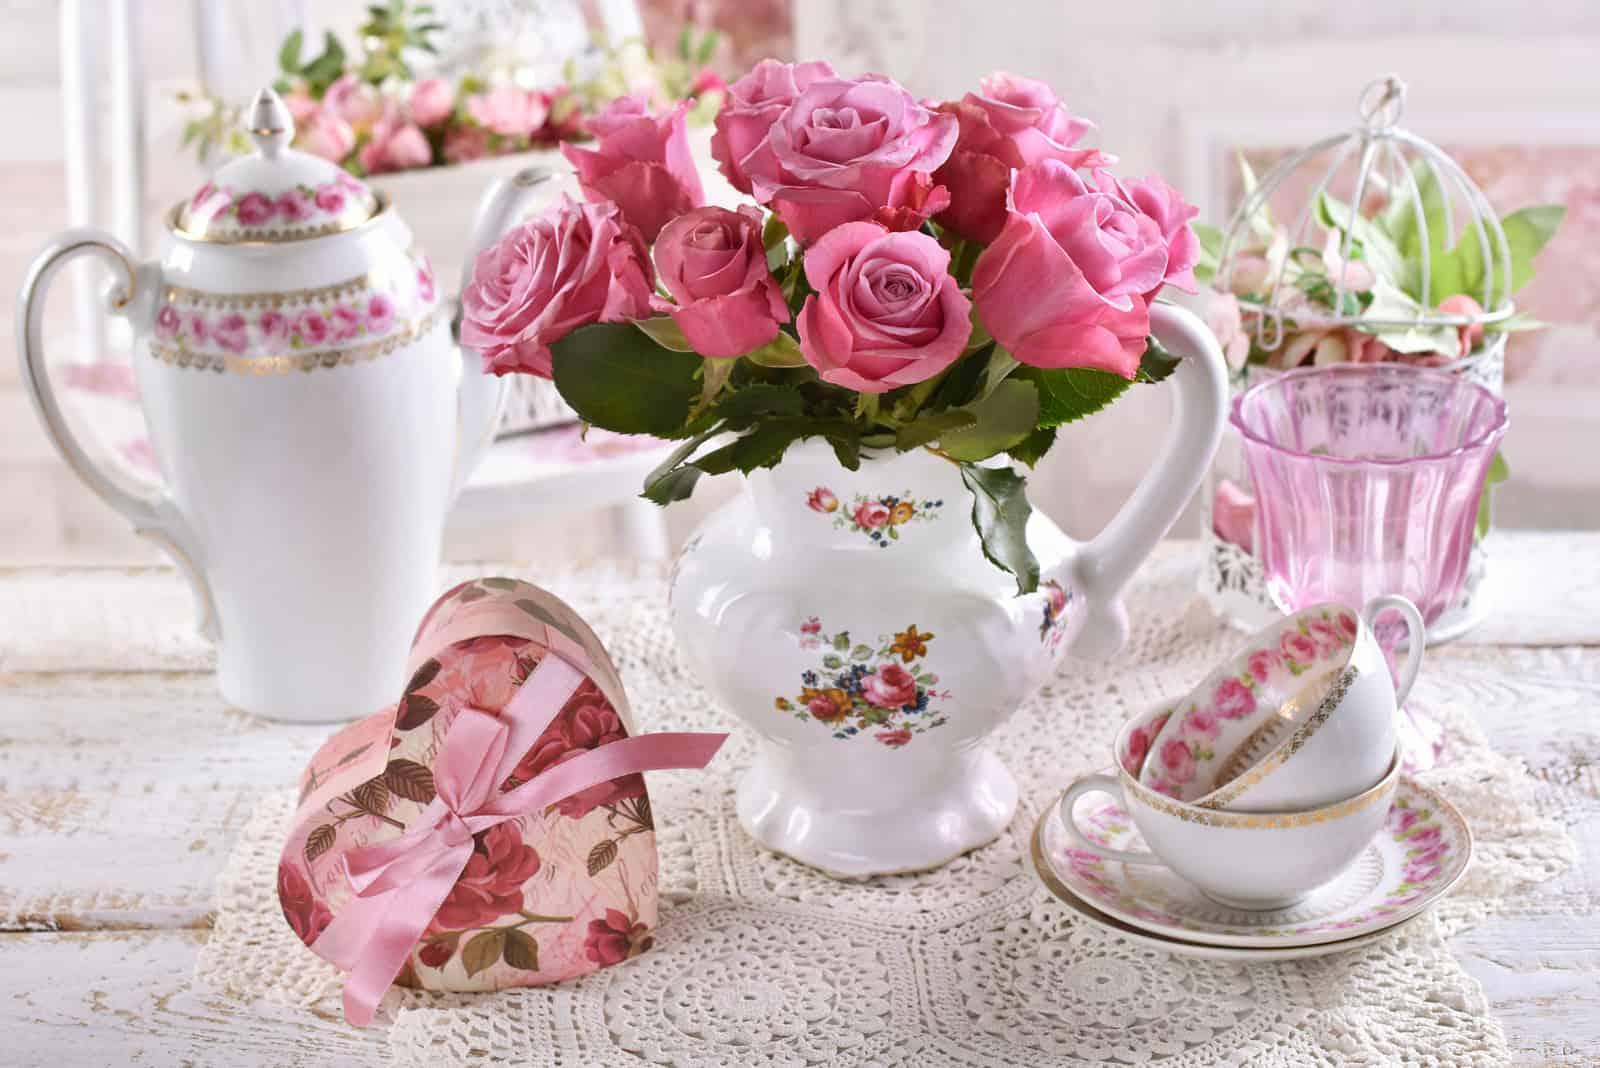 Blumenstrauß aus rosa Rosen im Porzellankrug auf dem Tisch mit herzförmiger Geschenkbox und Porzellan im Shabby-Chic-Interieur